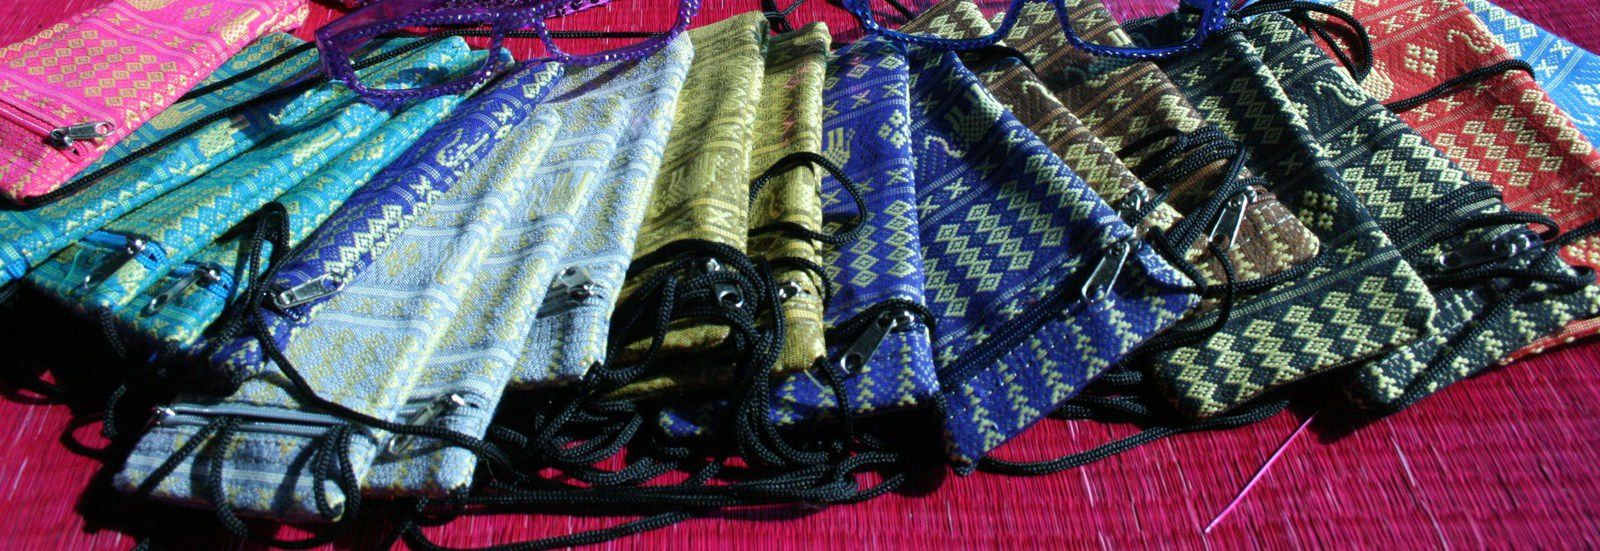 Un large choix d'artisanat , en provenance du Cambodge, vous sera proposé !